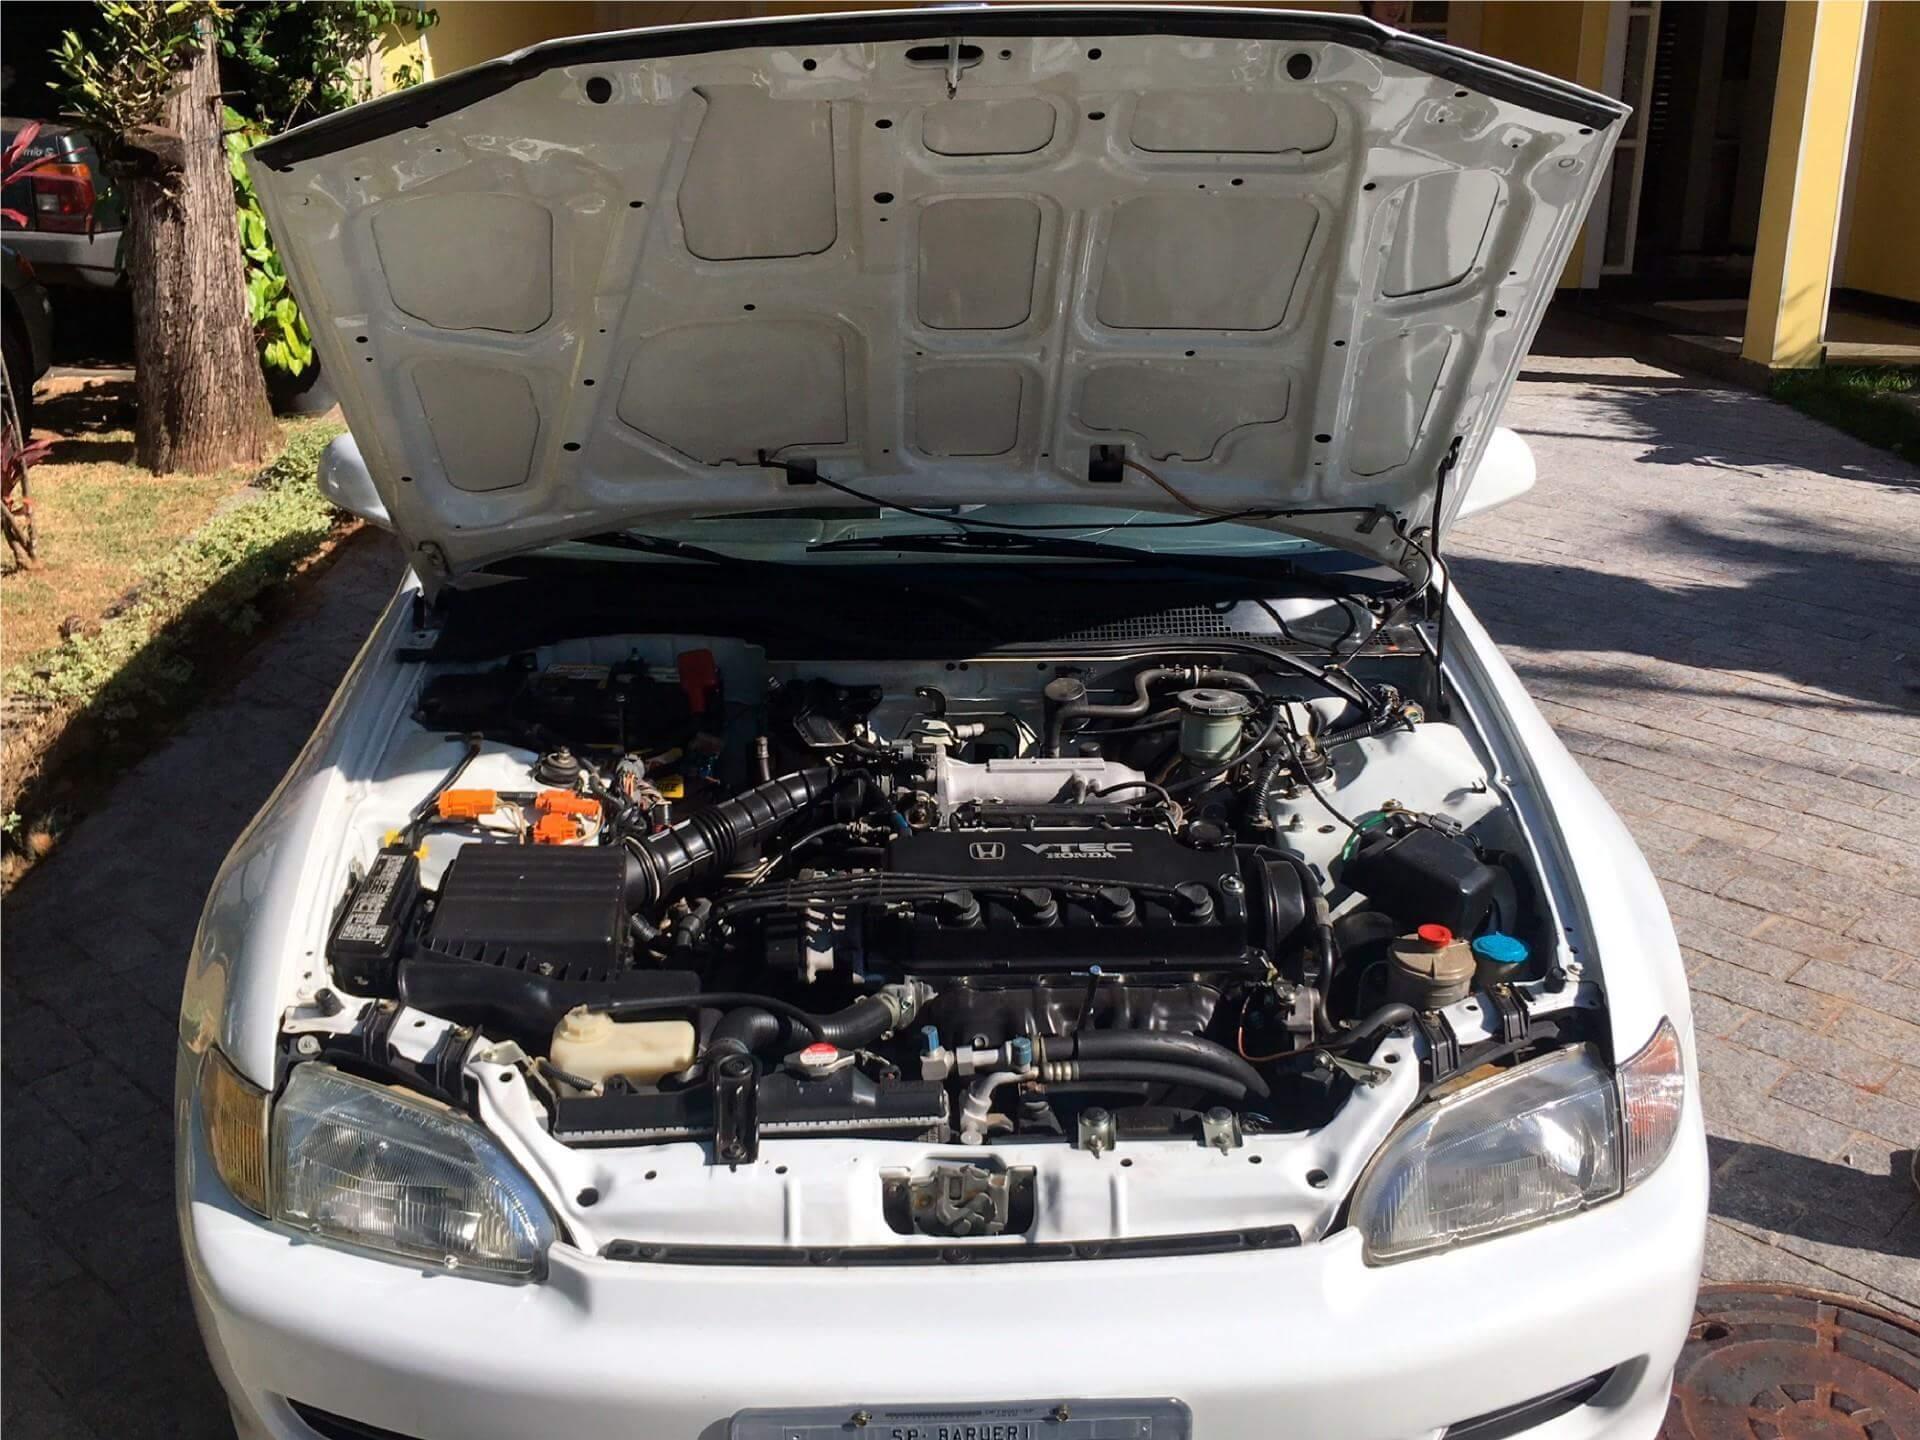 Honda Civic 1.6 Exs Coupe 16v Gasolina 2p Automatico Wmimagem200701735931